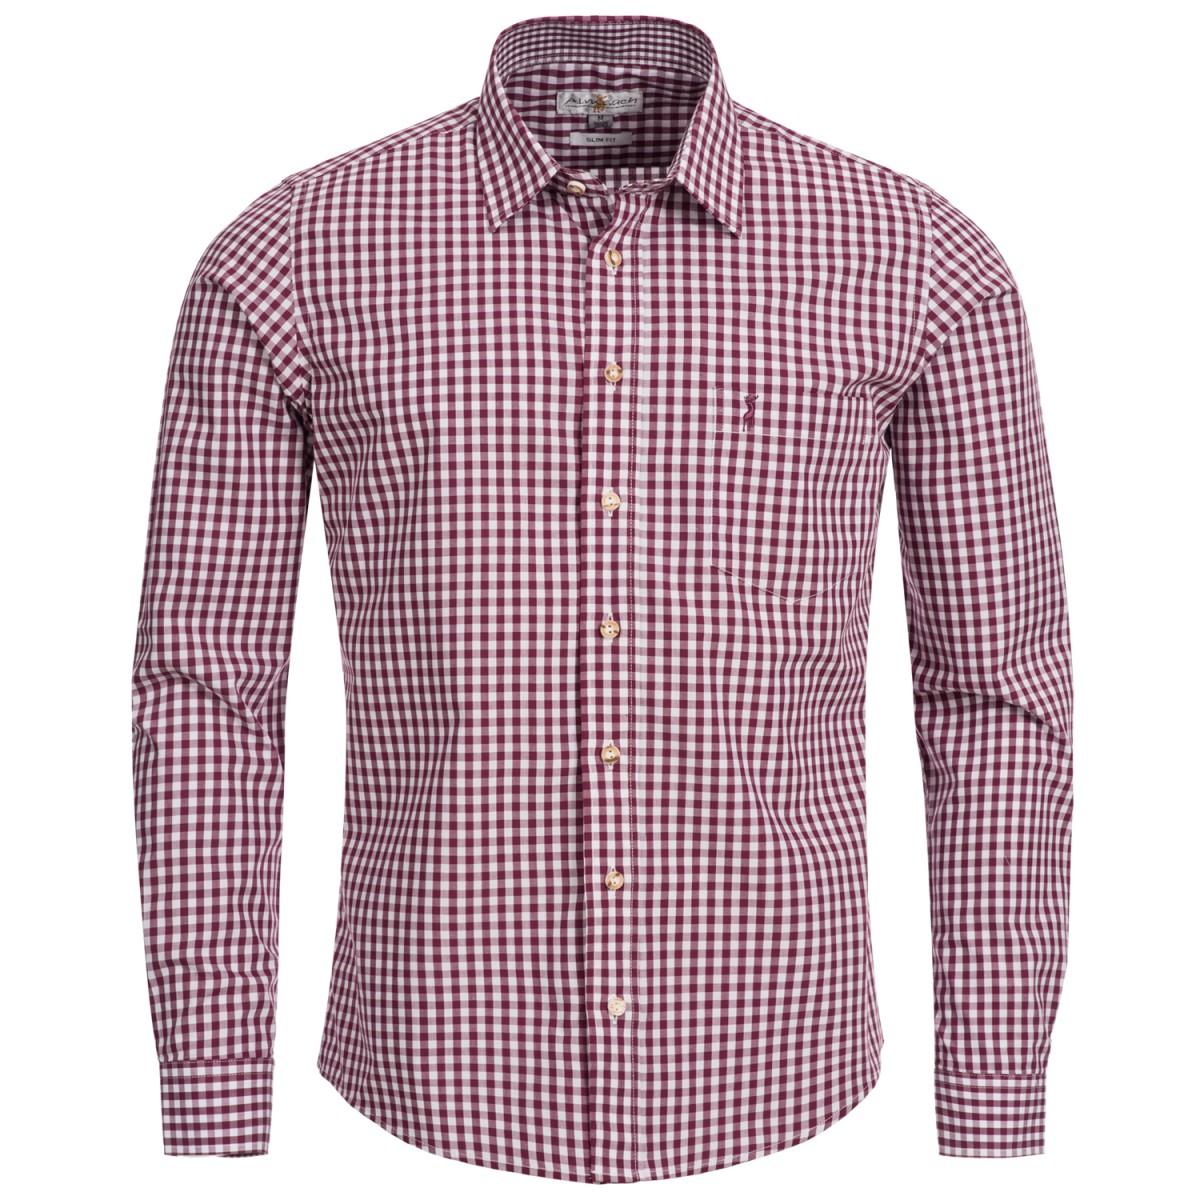 Trachtenhemd Slim Fit in Lila von Almsach günstig online kaufen